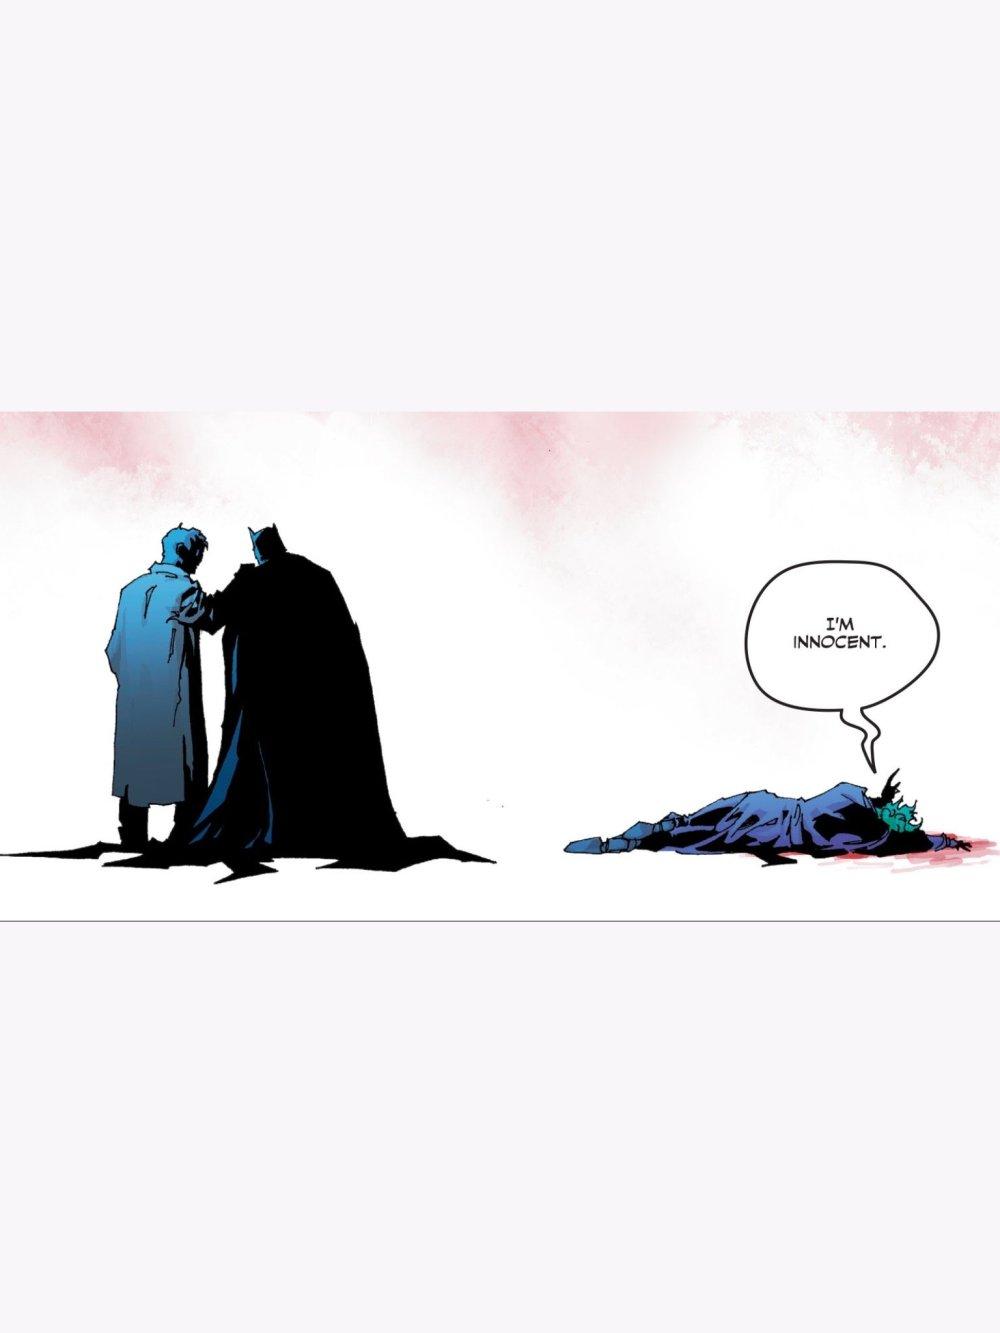 Joker pleading his innocence